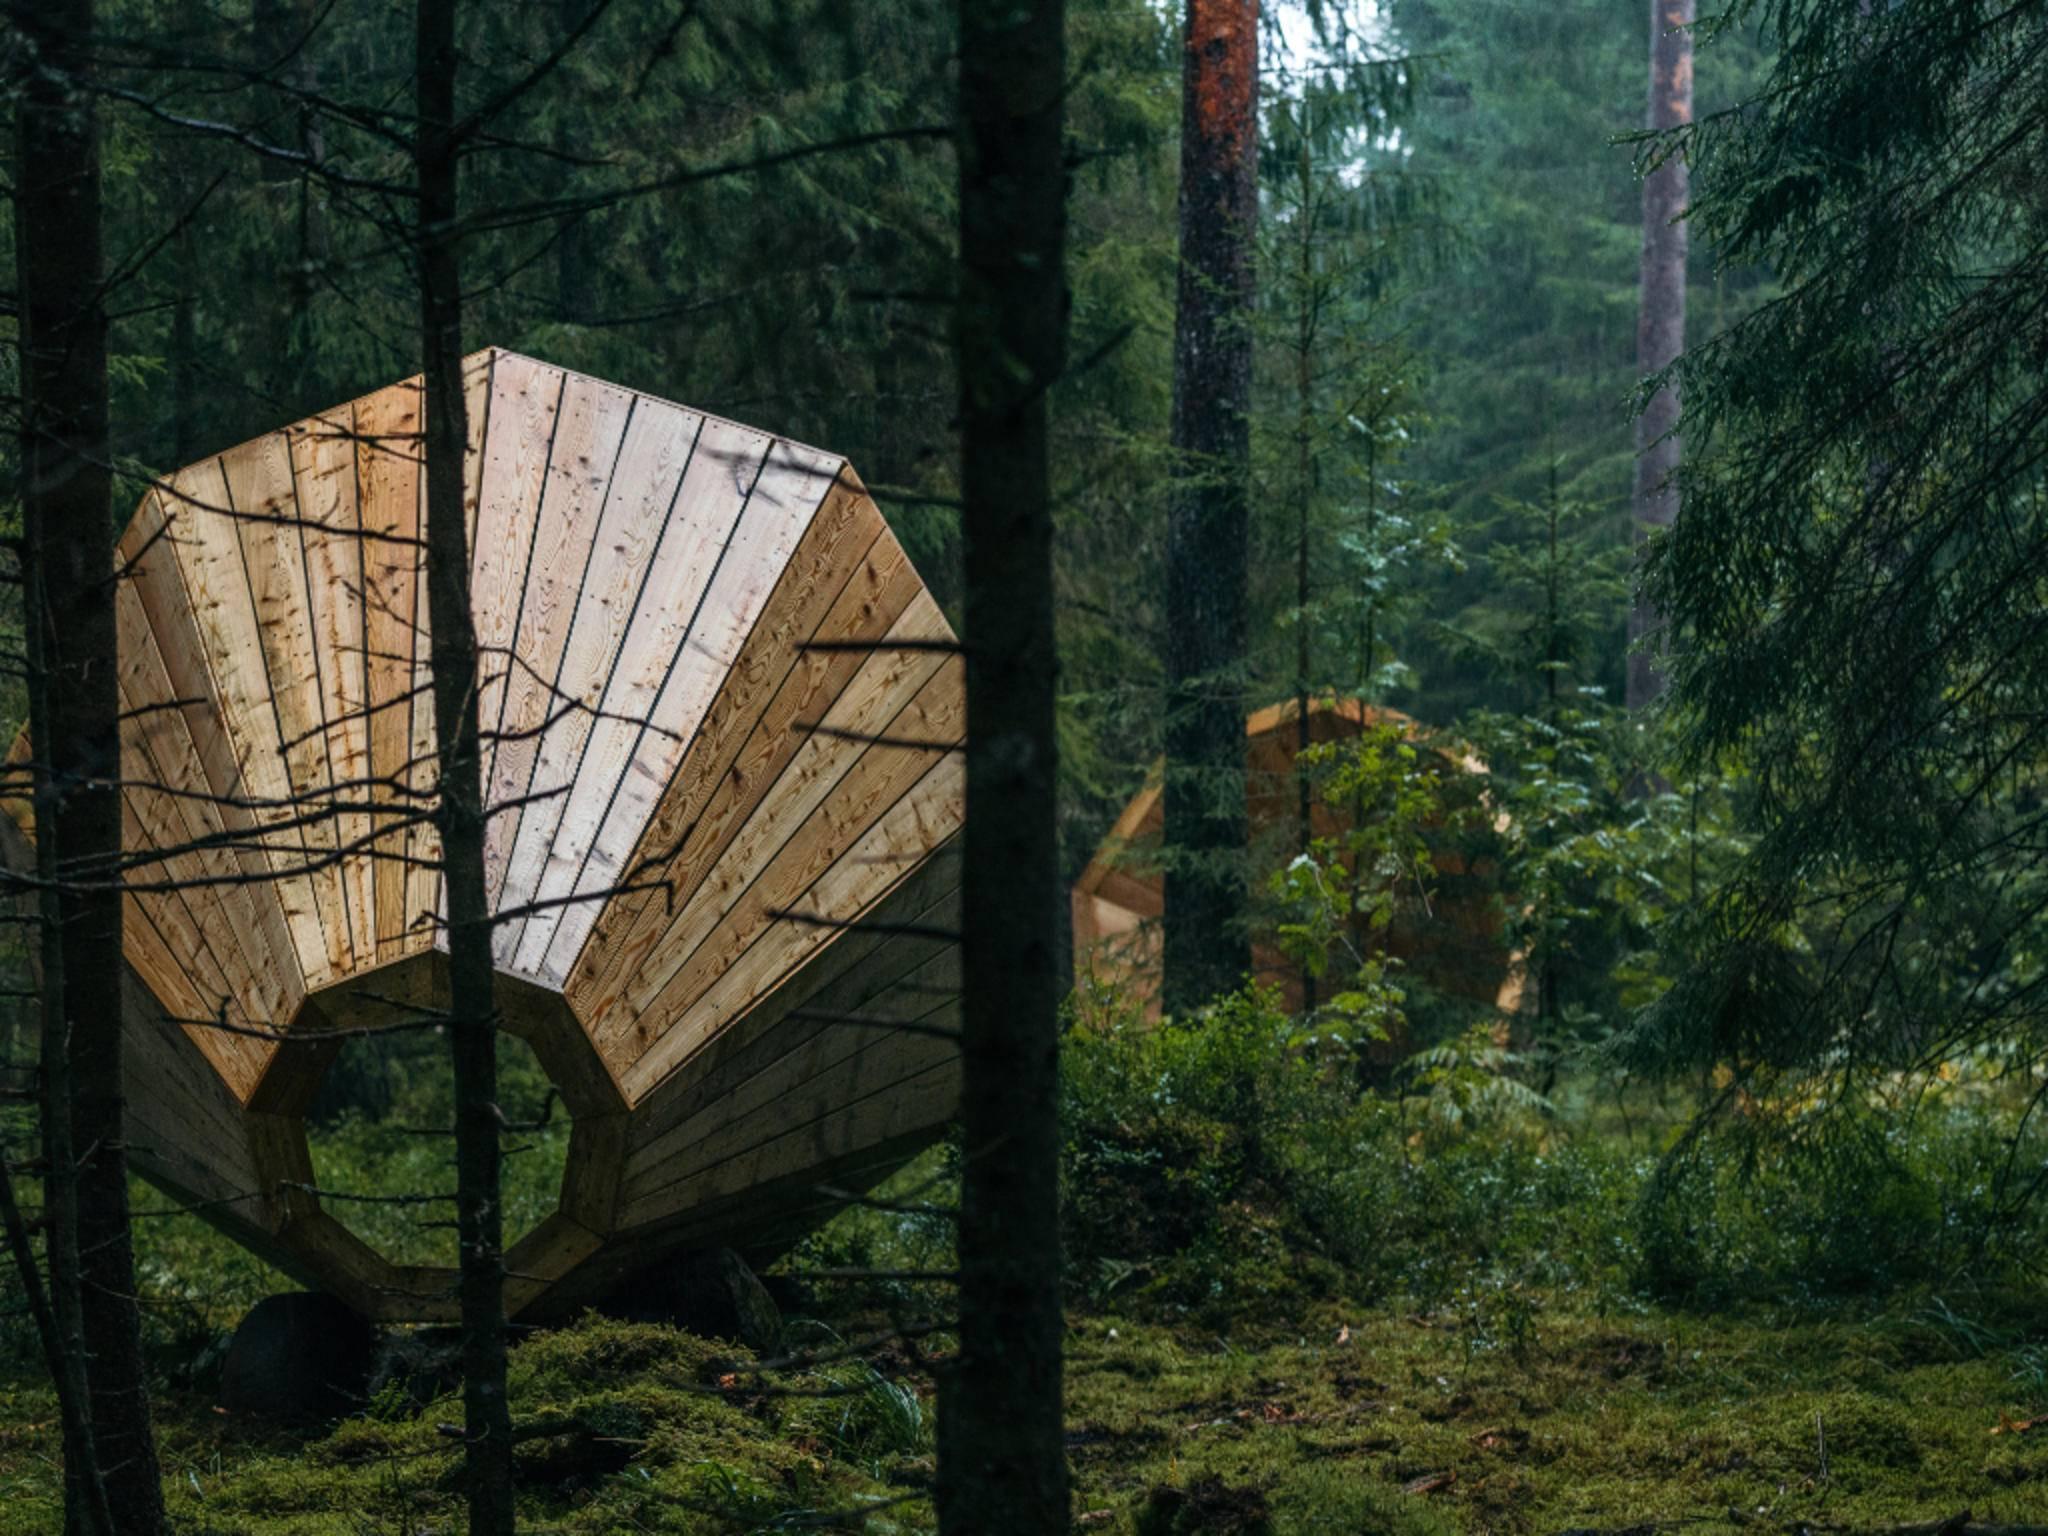 Wald-Megafone in Estland